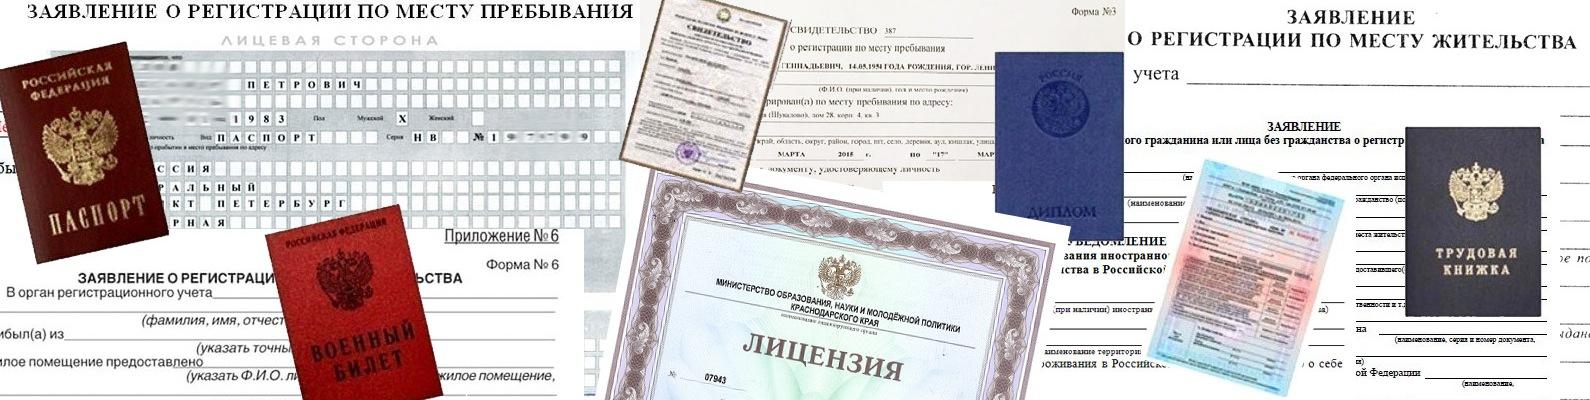 Как сделать регистрацию по месту пребывания для граждан 147